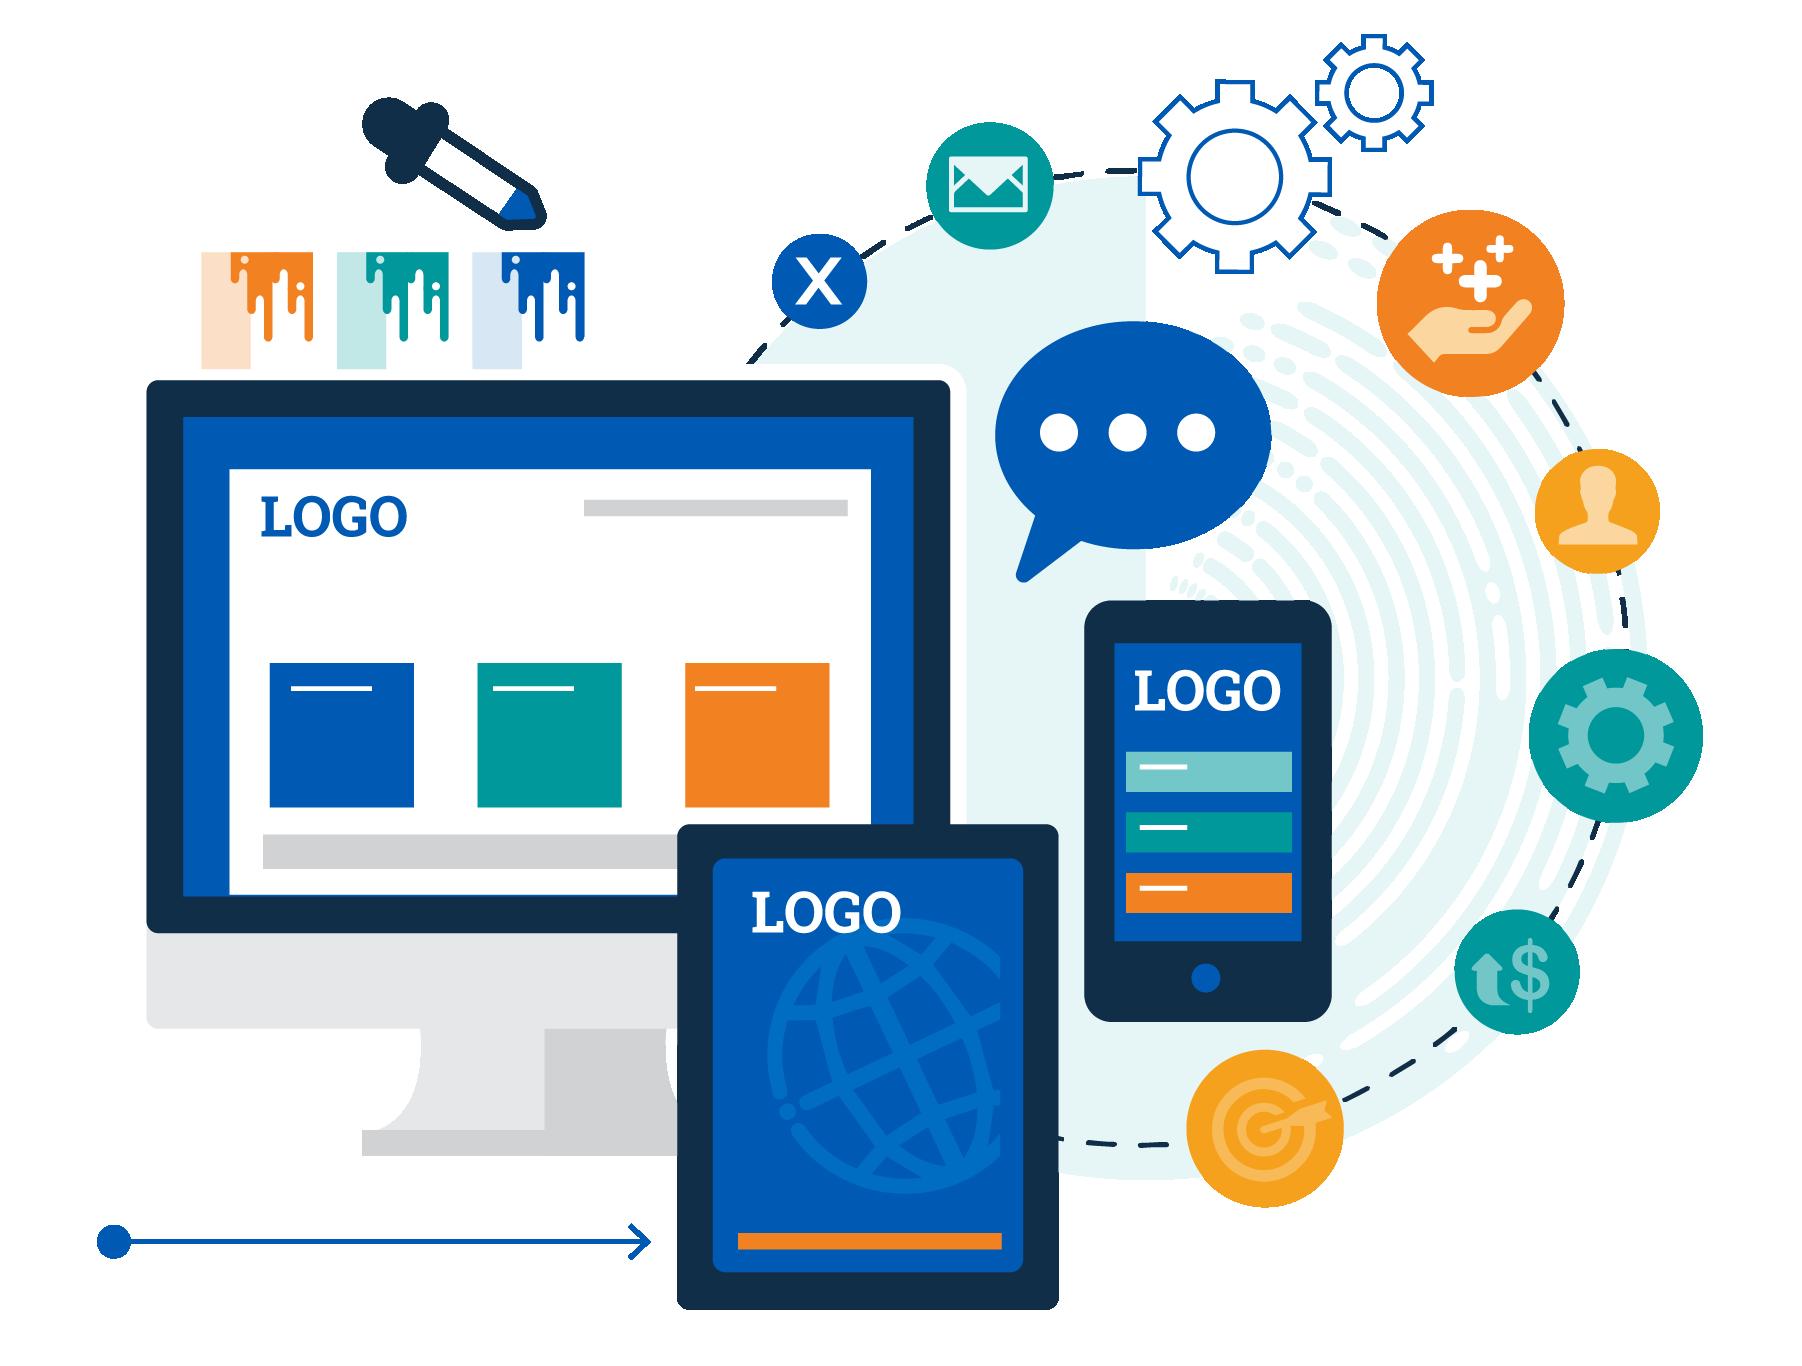 Value-Based Provider Website Design